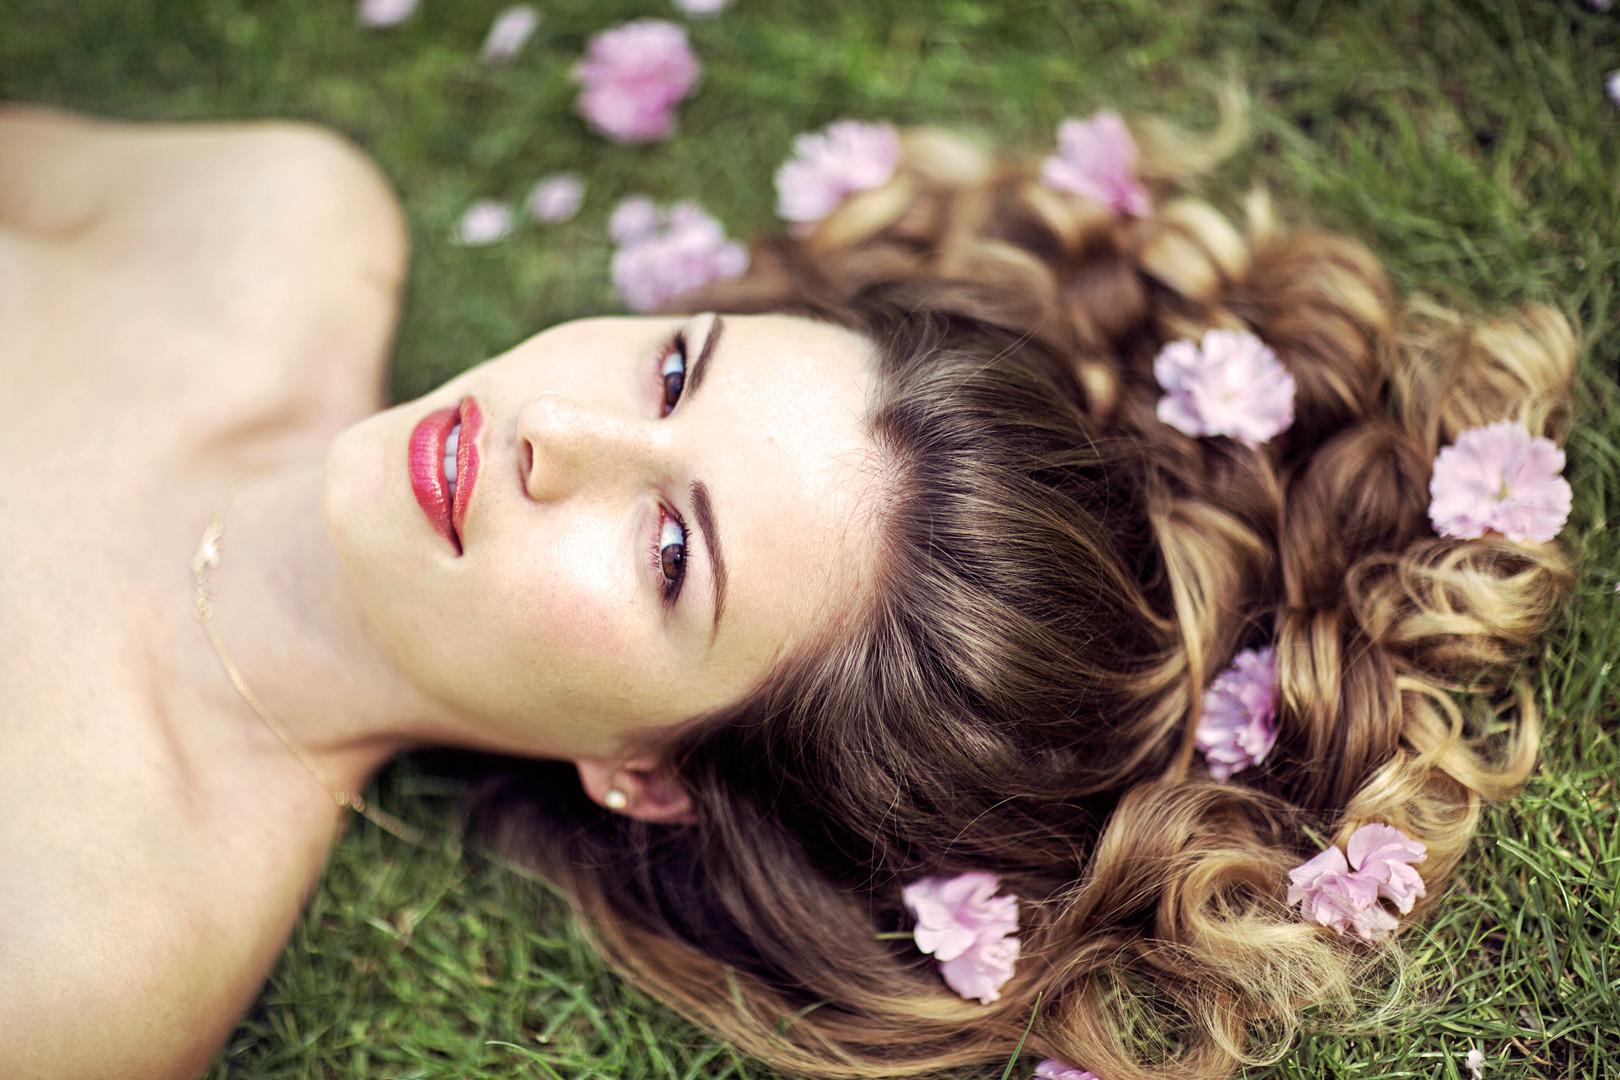 BeautyShootJMoyes4.jpg